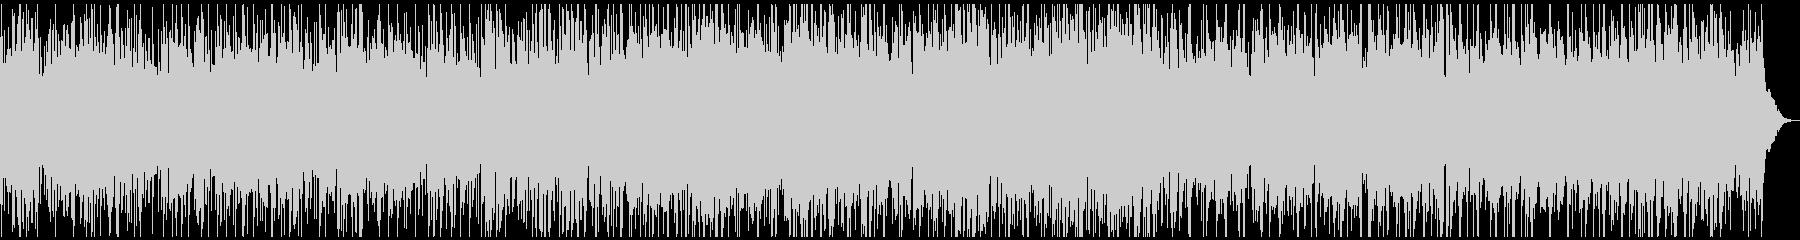 ほのぼのとしたケルティック風BGMの未再生の波形